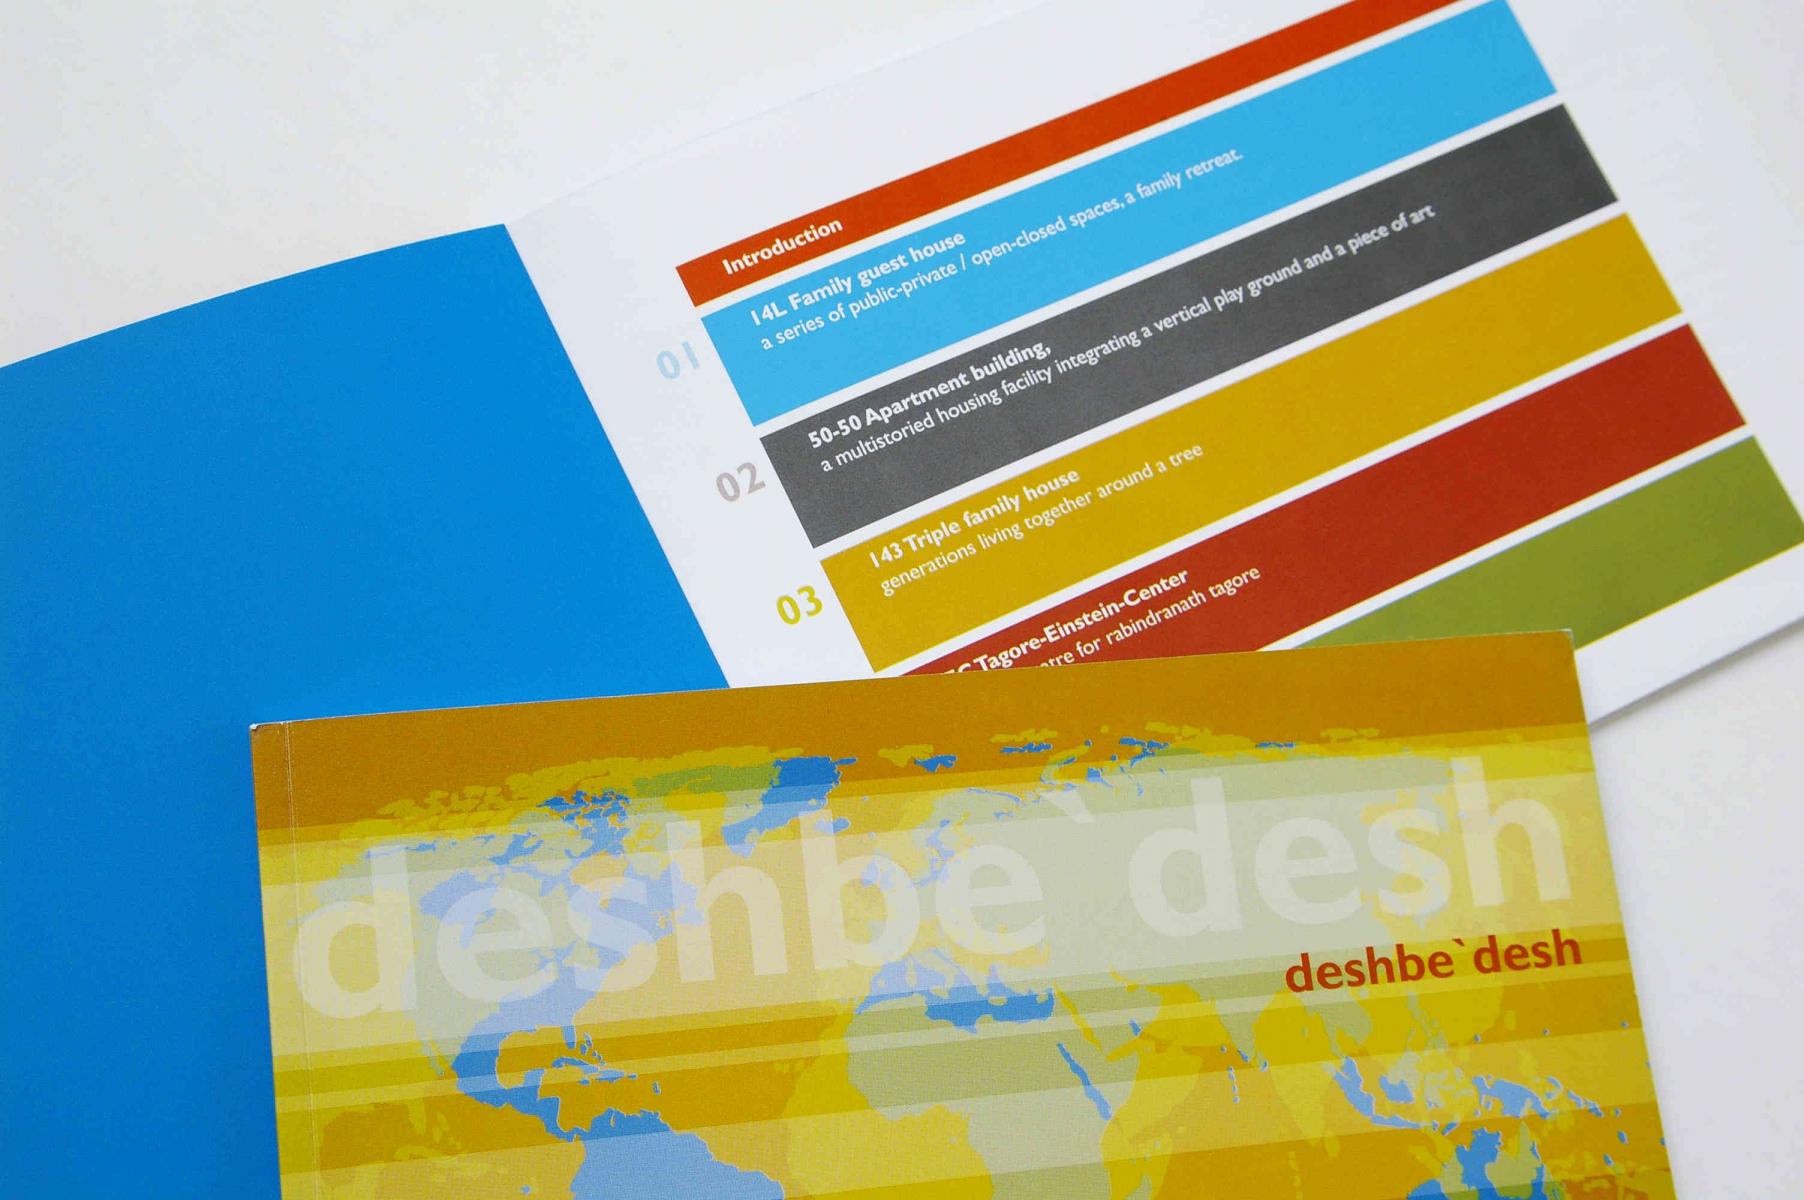 Deshbedesh Goethe Institut Grafik Design Katalog Layout